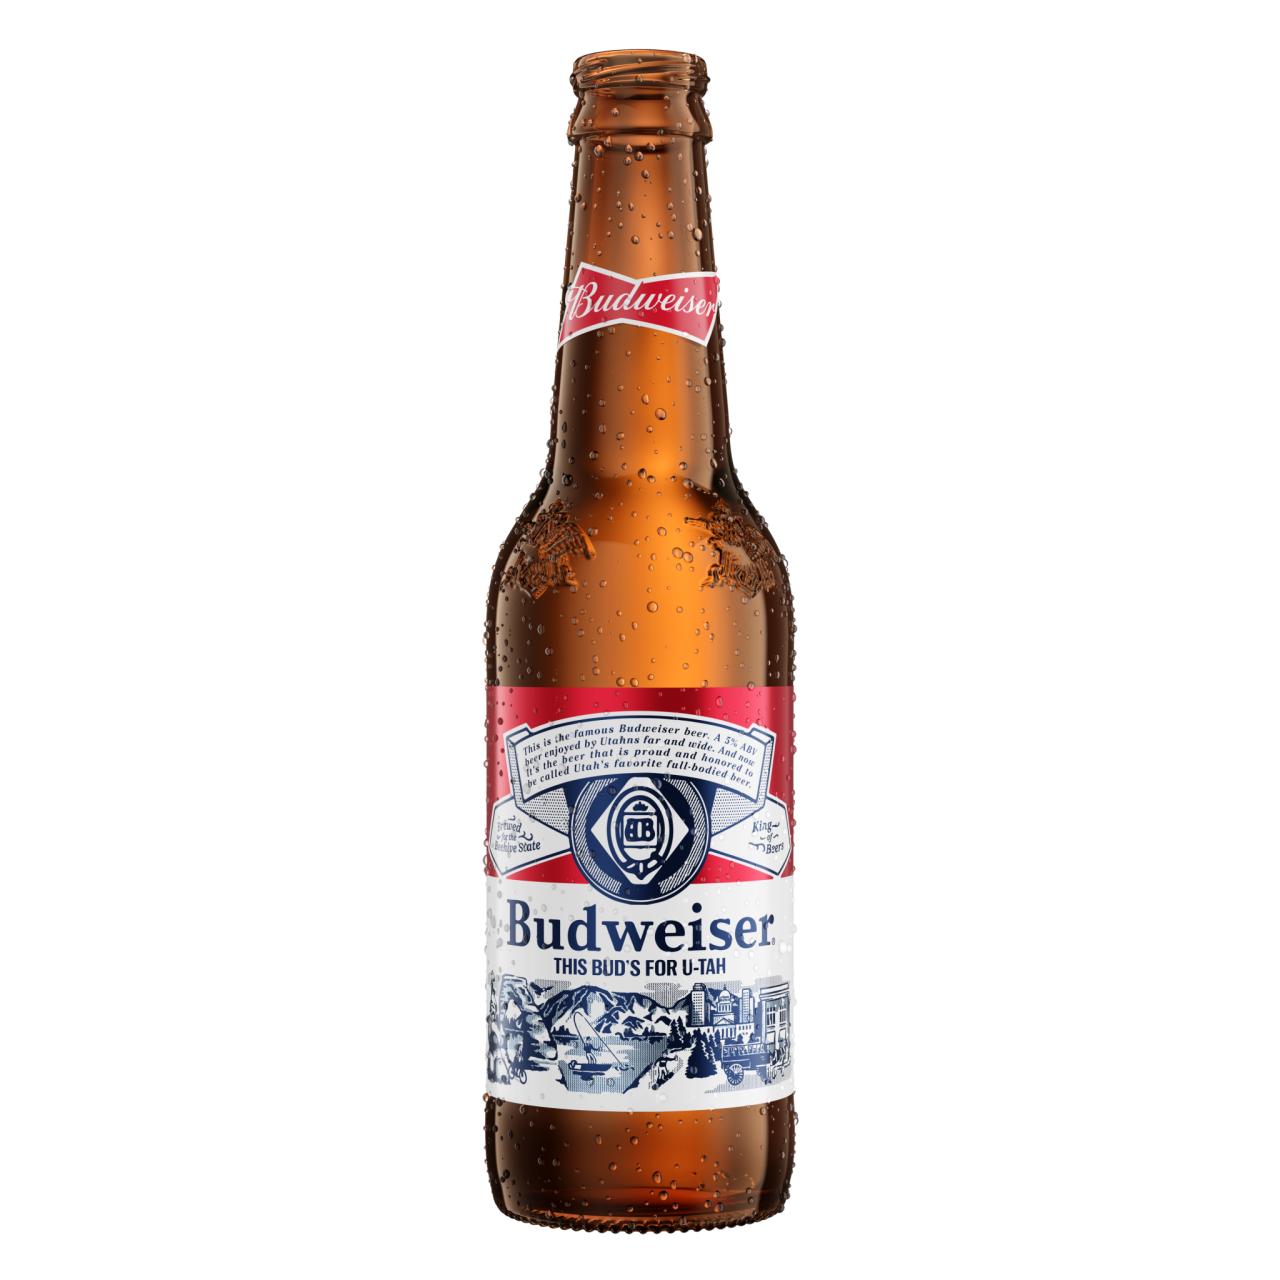 Utah Budweiser Bottle